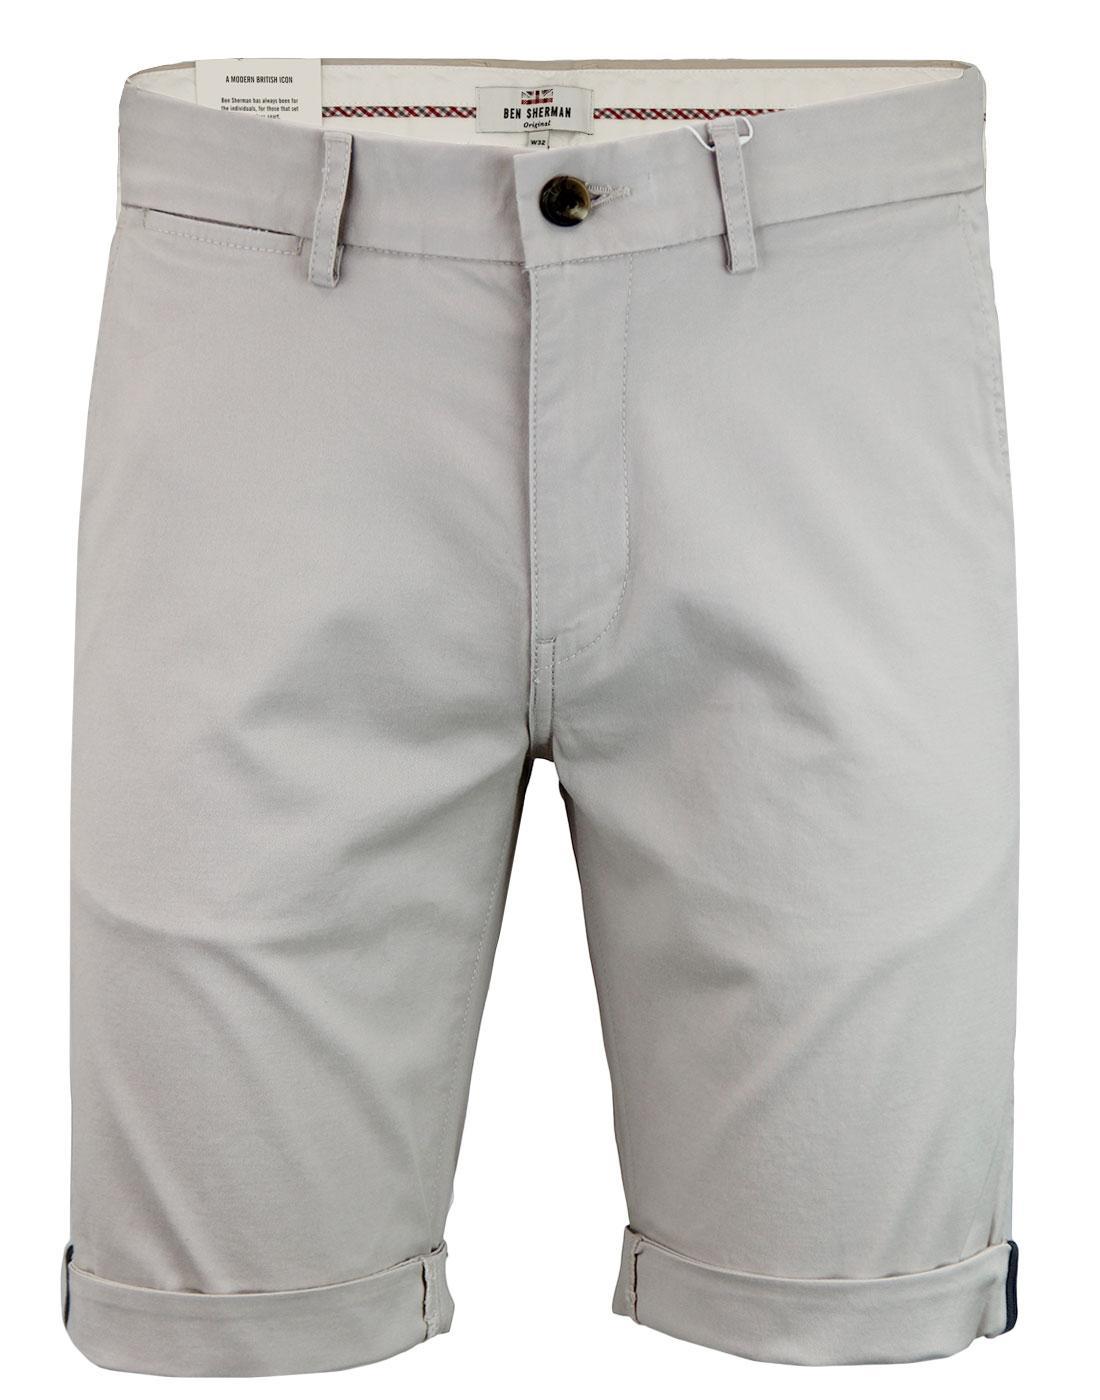 BEN SHERMAN Men's Retro Chino Shorts PUTTY